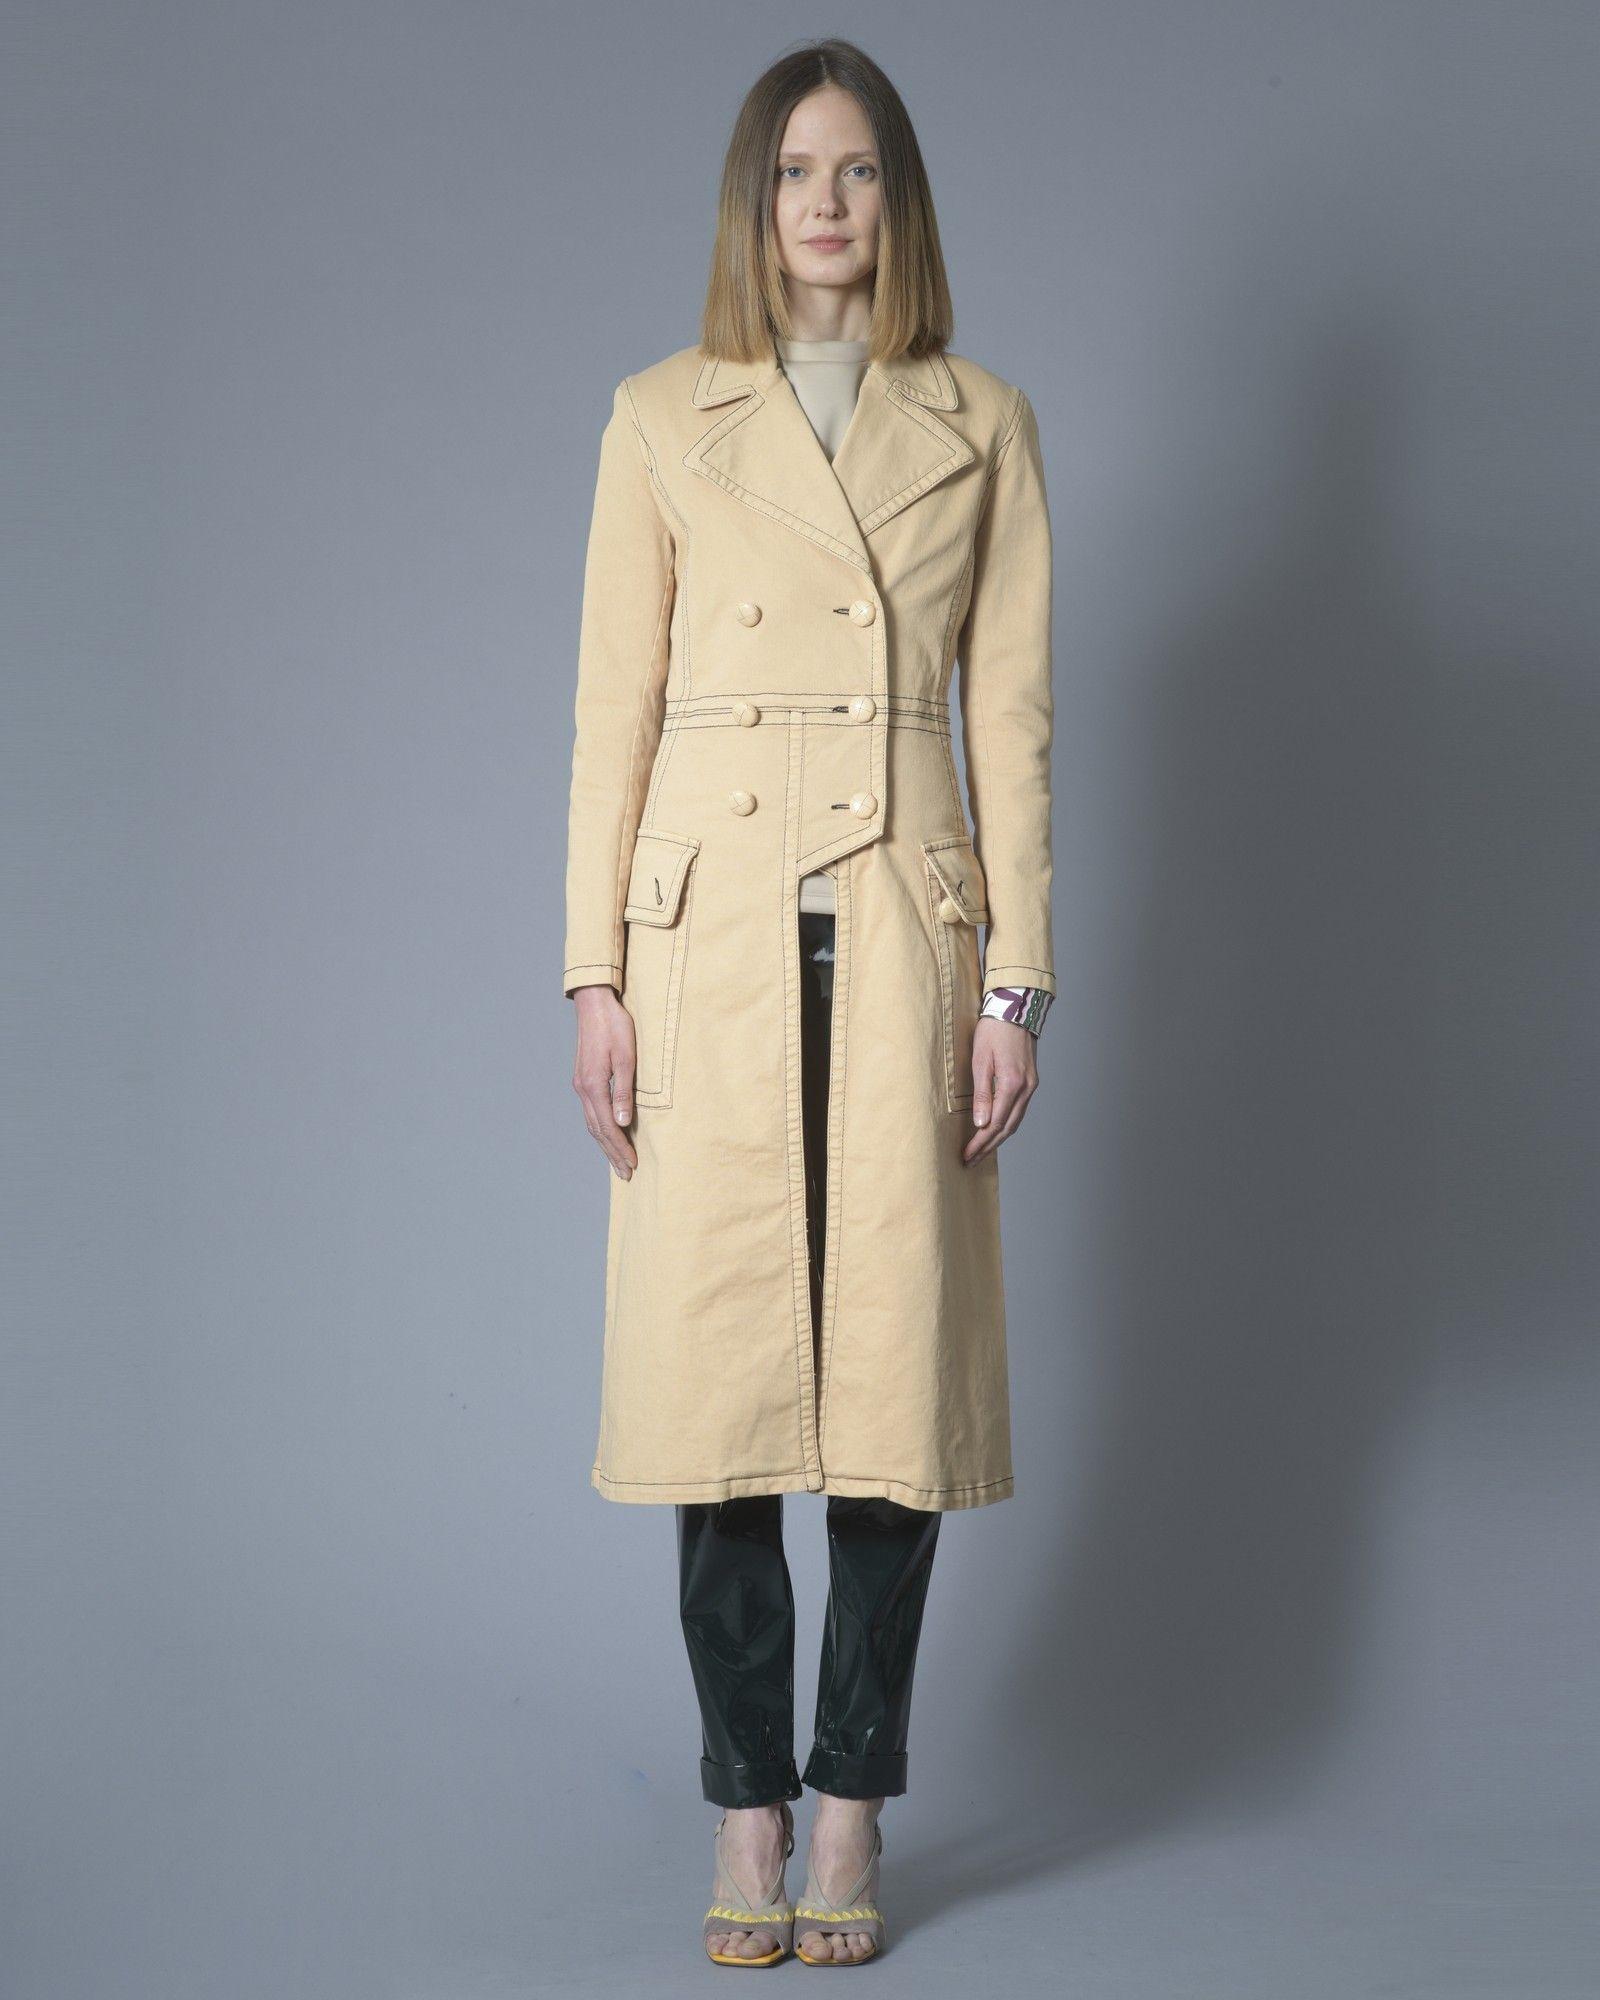 Manteau en jean beige Elisabetta Franchi